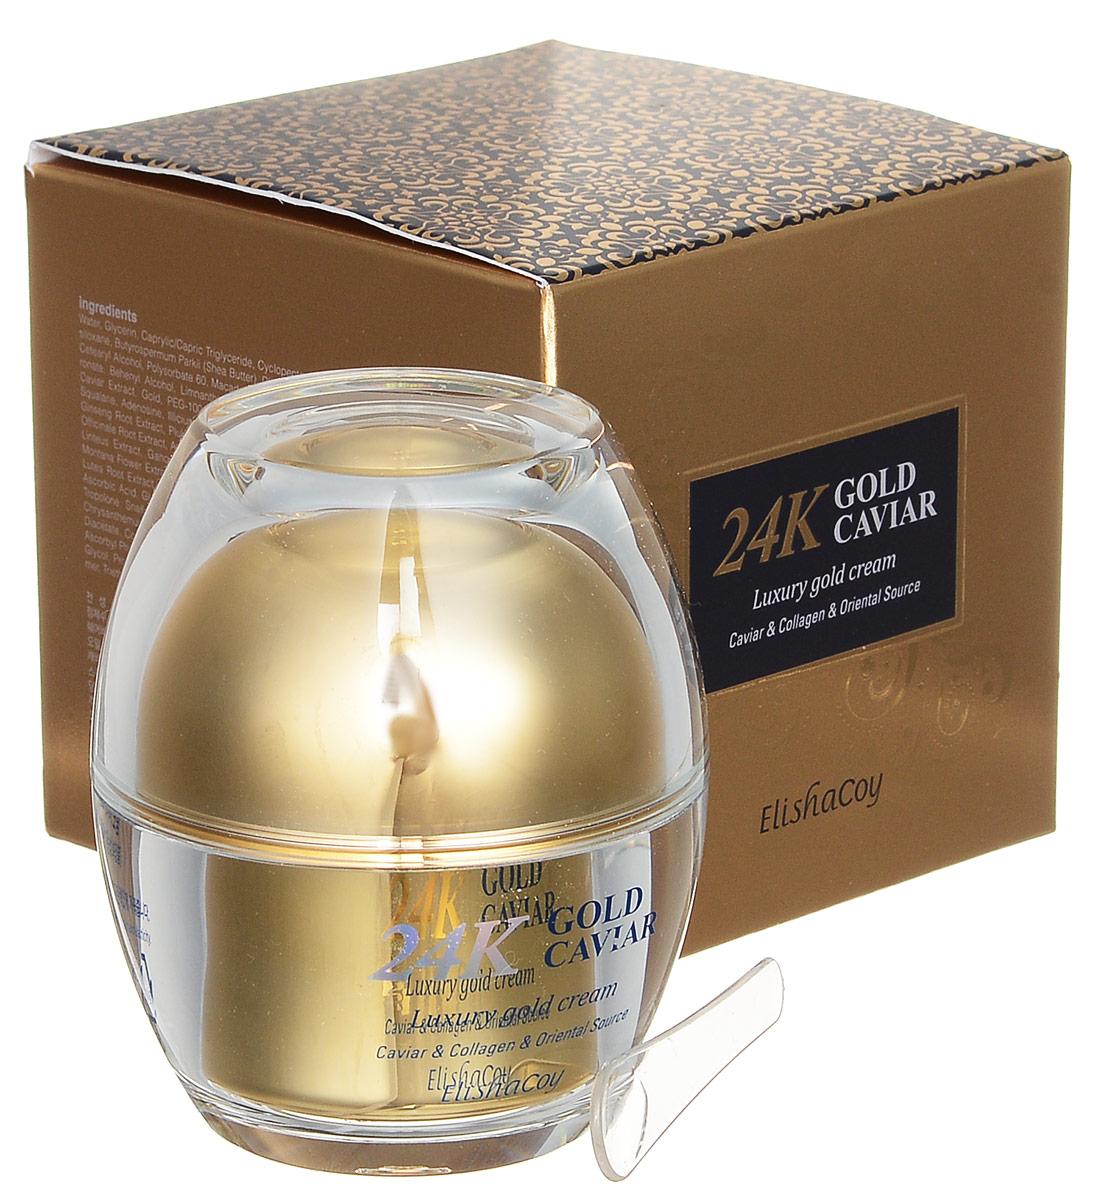 Elisha Coy Крем с экстрактом икры и частицами 24к золота, 50 г8809266951758Крем с экстрактом икры и частицами 24к золота восстанавливает и усиливает барьерные функции кожи,обладает легкой, нелипкой текстурой и хорошо впитывается.Подходит для всех типов кожи.Крем содержит экстракт икры,которая богата витаминами(A D E F) протеинами,ценными микроэлементами(калий,магний,натрий,фосфор,железо)полинасыщенными жирными омега-3 кислотами.Экстракт икры интенсивно увлажняет,сокращает морщины,повышает упругость и эластичность кожи лица.Крем интенсивно питает кожу благодаря входящим в состав сквалену, маслу ши, маслу семян макадамии, богатому растительному комплексу из экстрактов трав. Ниацинамид, аденозин и комплекс пептидов (Dipeptide Diaminobutyroyl Benzylamide Diacetate(SYN-AKE), Copper Tripeptide-1, Human Oligopeptide-1) борются с возрастными изменениями, дарят коже сияние и упругость.Средство содержит частицы 24к золота, которые способствуют обновлению кожи лица и придают сияние.